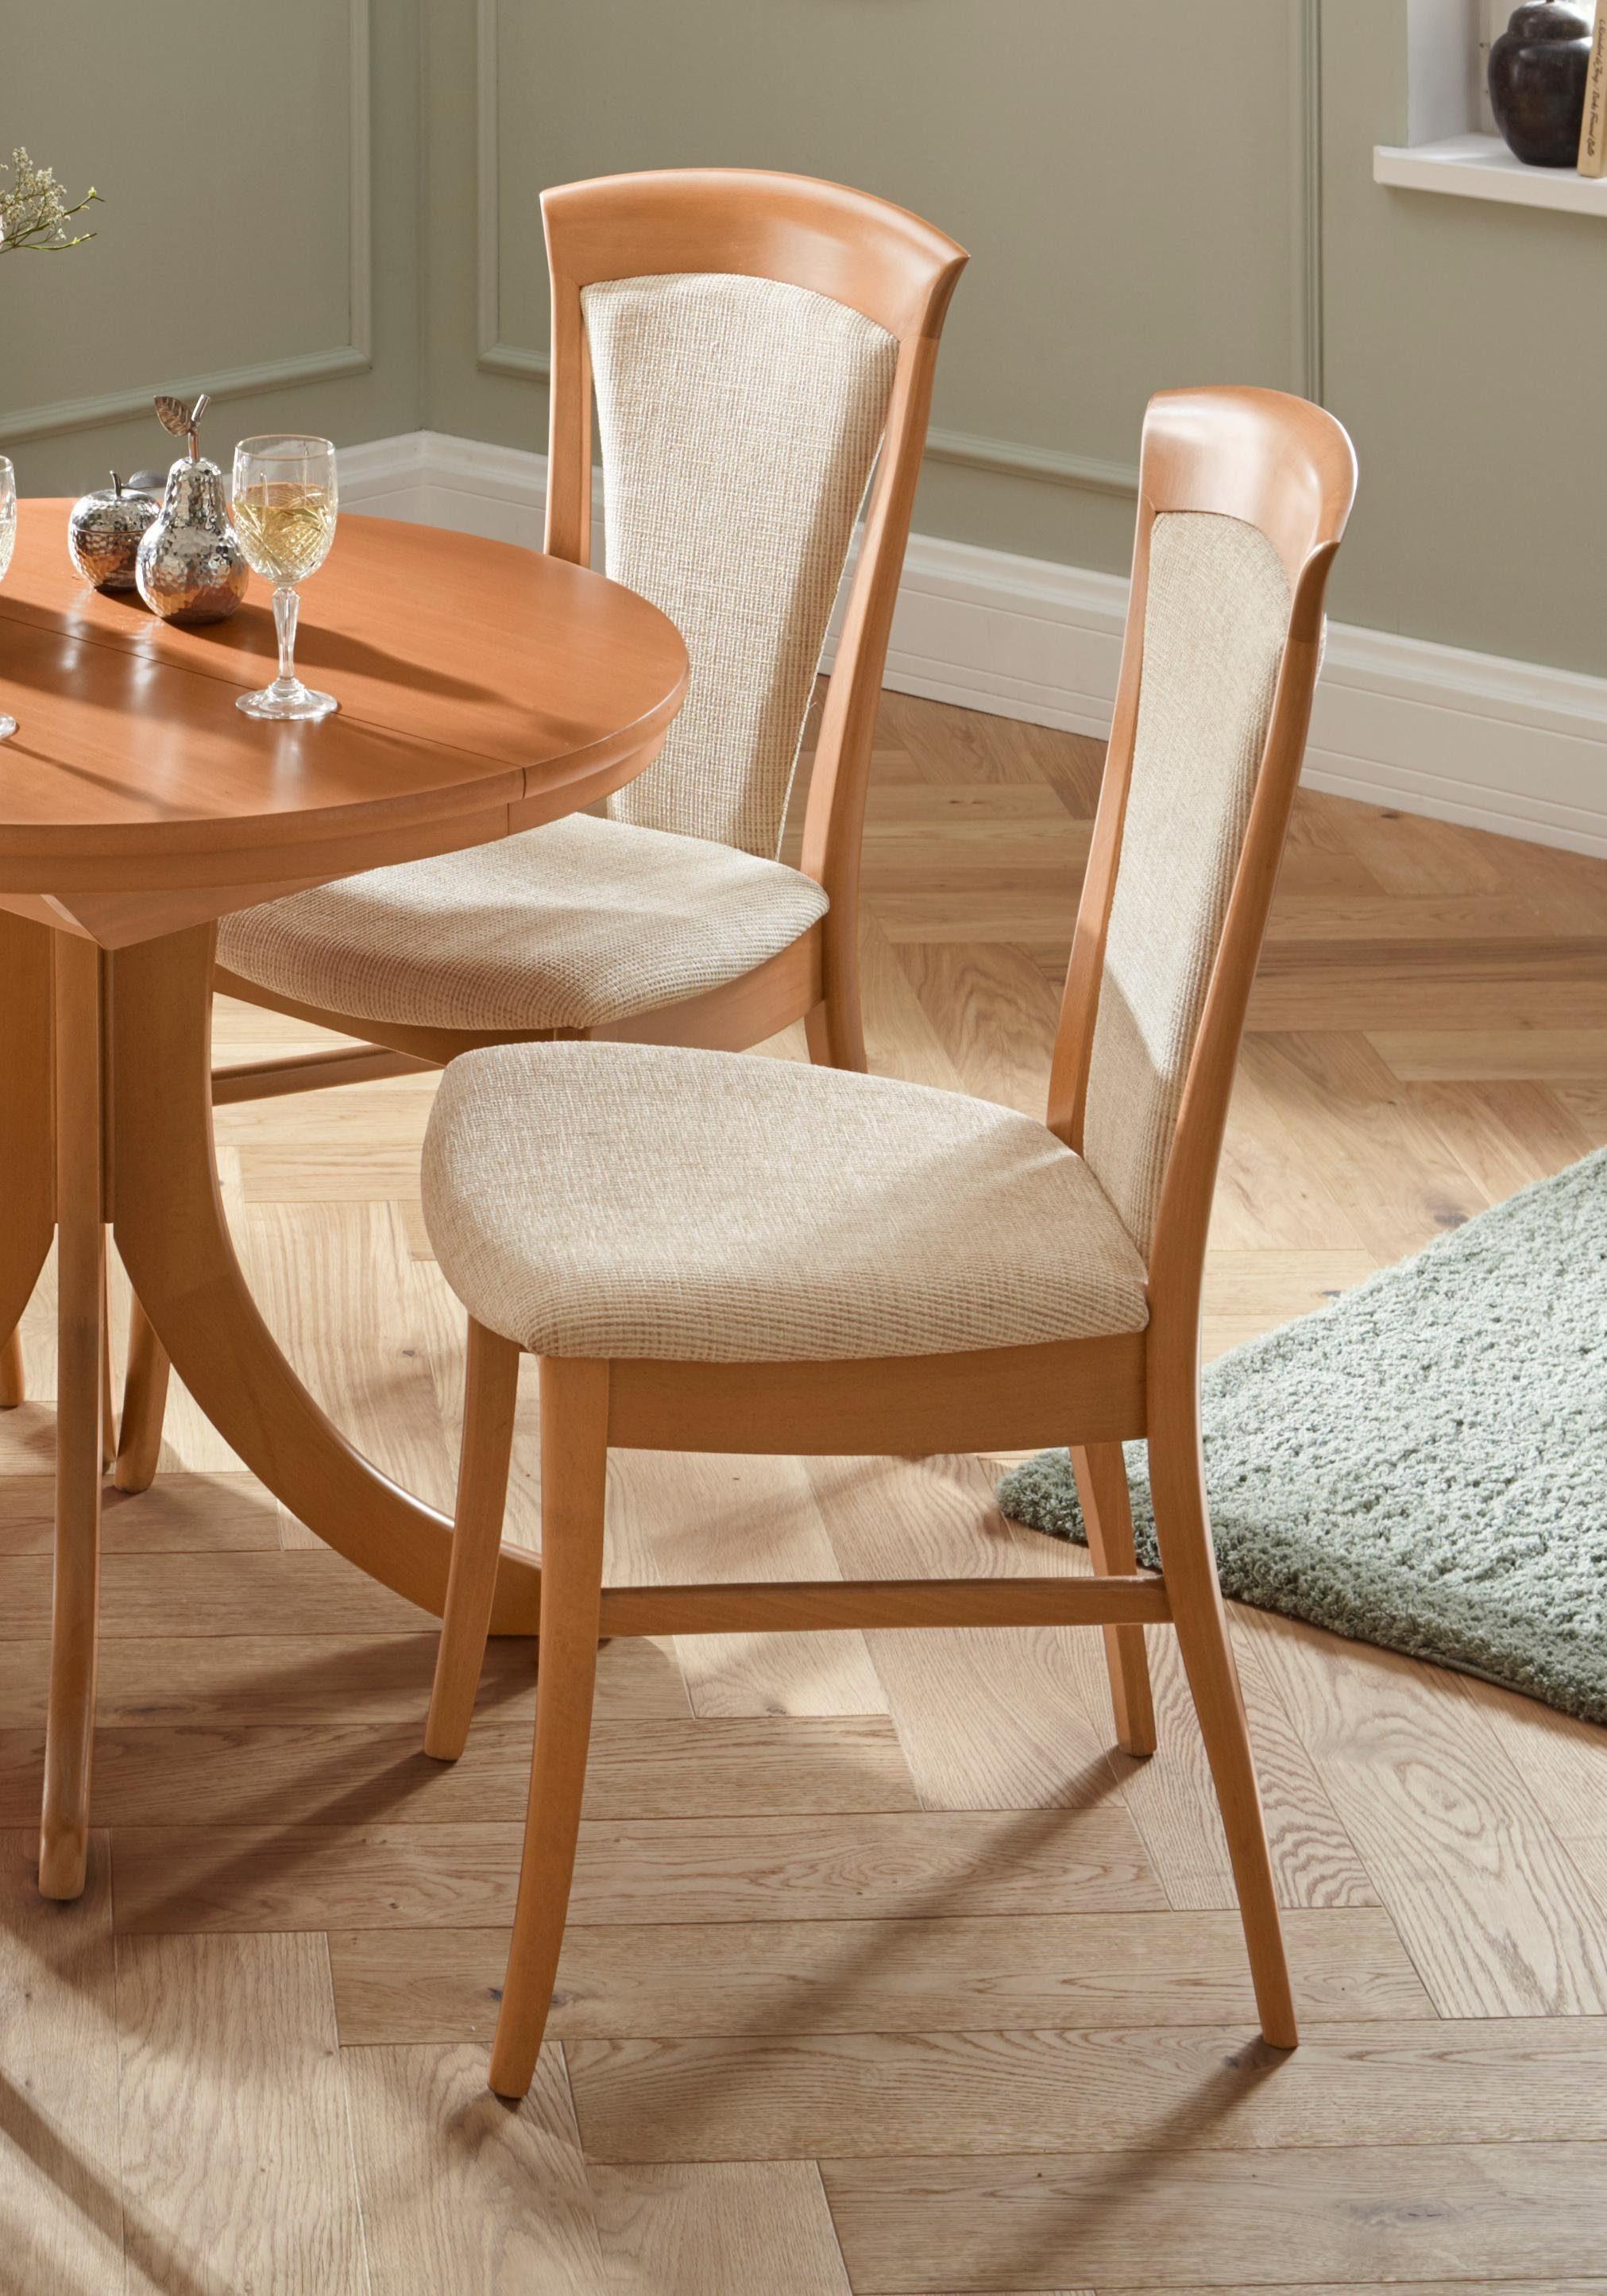 DELAVITA Stuhl »DIETMAR« 2 Stück, Delavita Die Marke für klassisch komfortables Wohnen online kaufen | OTTO